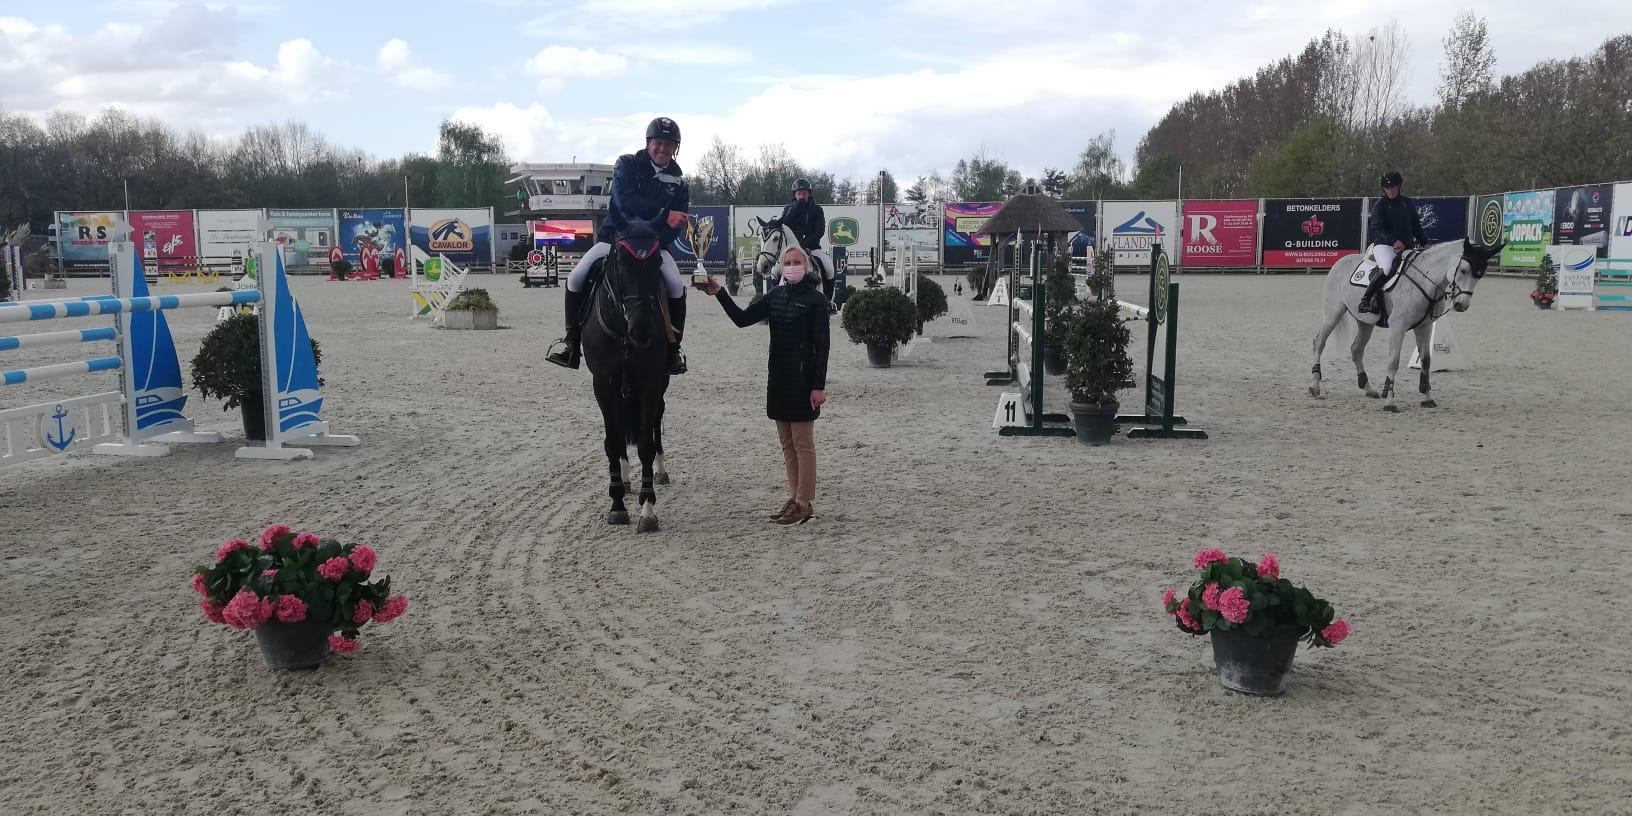 Piet Raijmakers Jr met seconde voorsprong naar overwinning in Lier